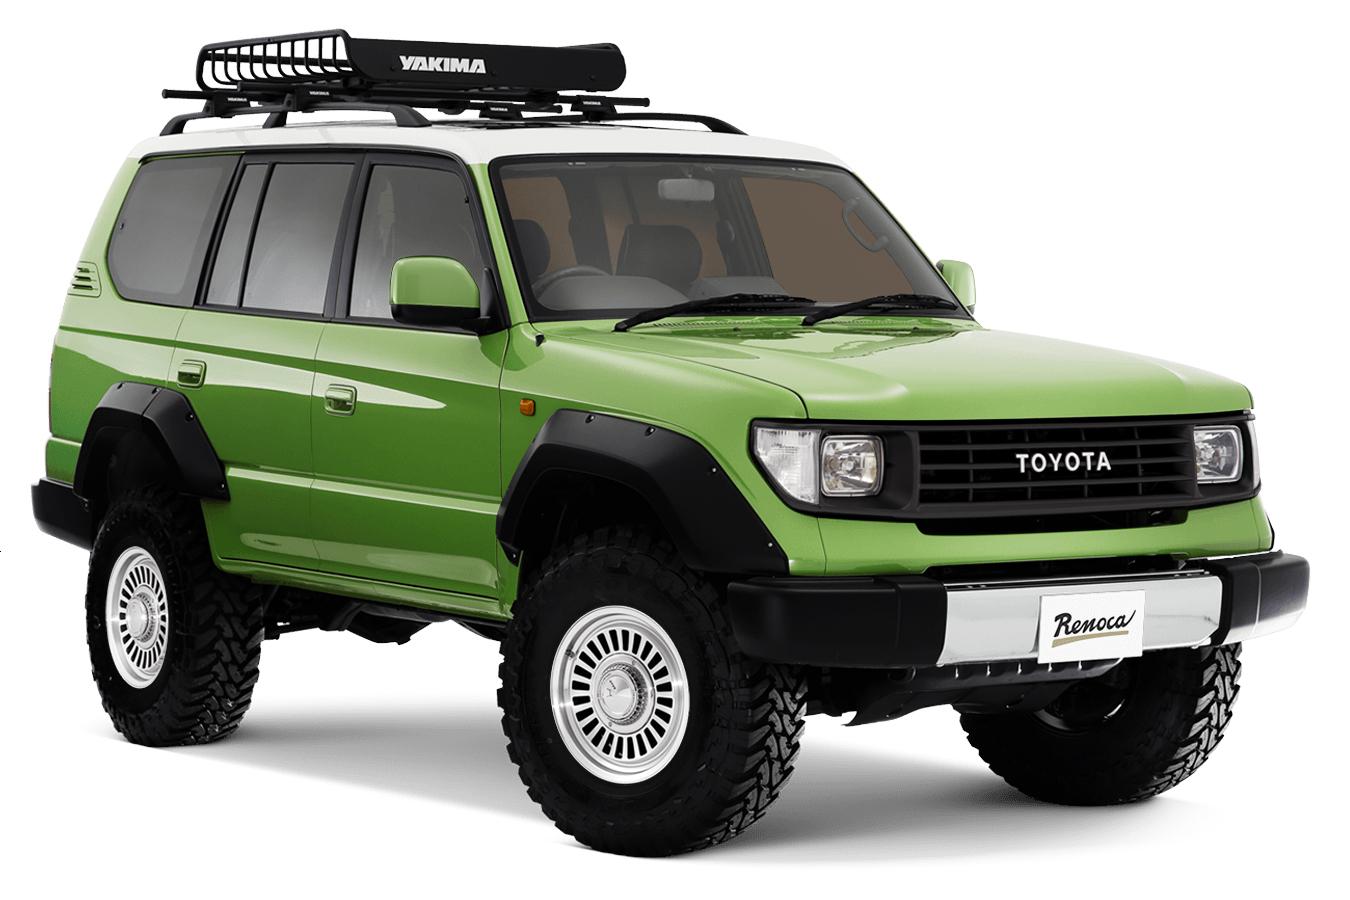 Toyota Land Cruiser Prado verde da Renoca visto 3/4 de frente